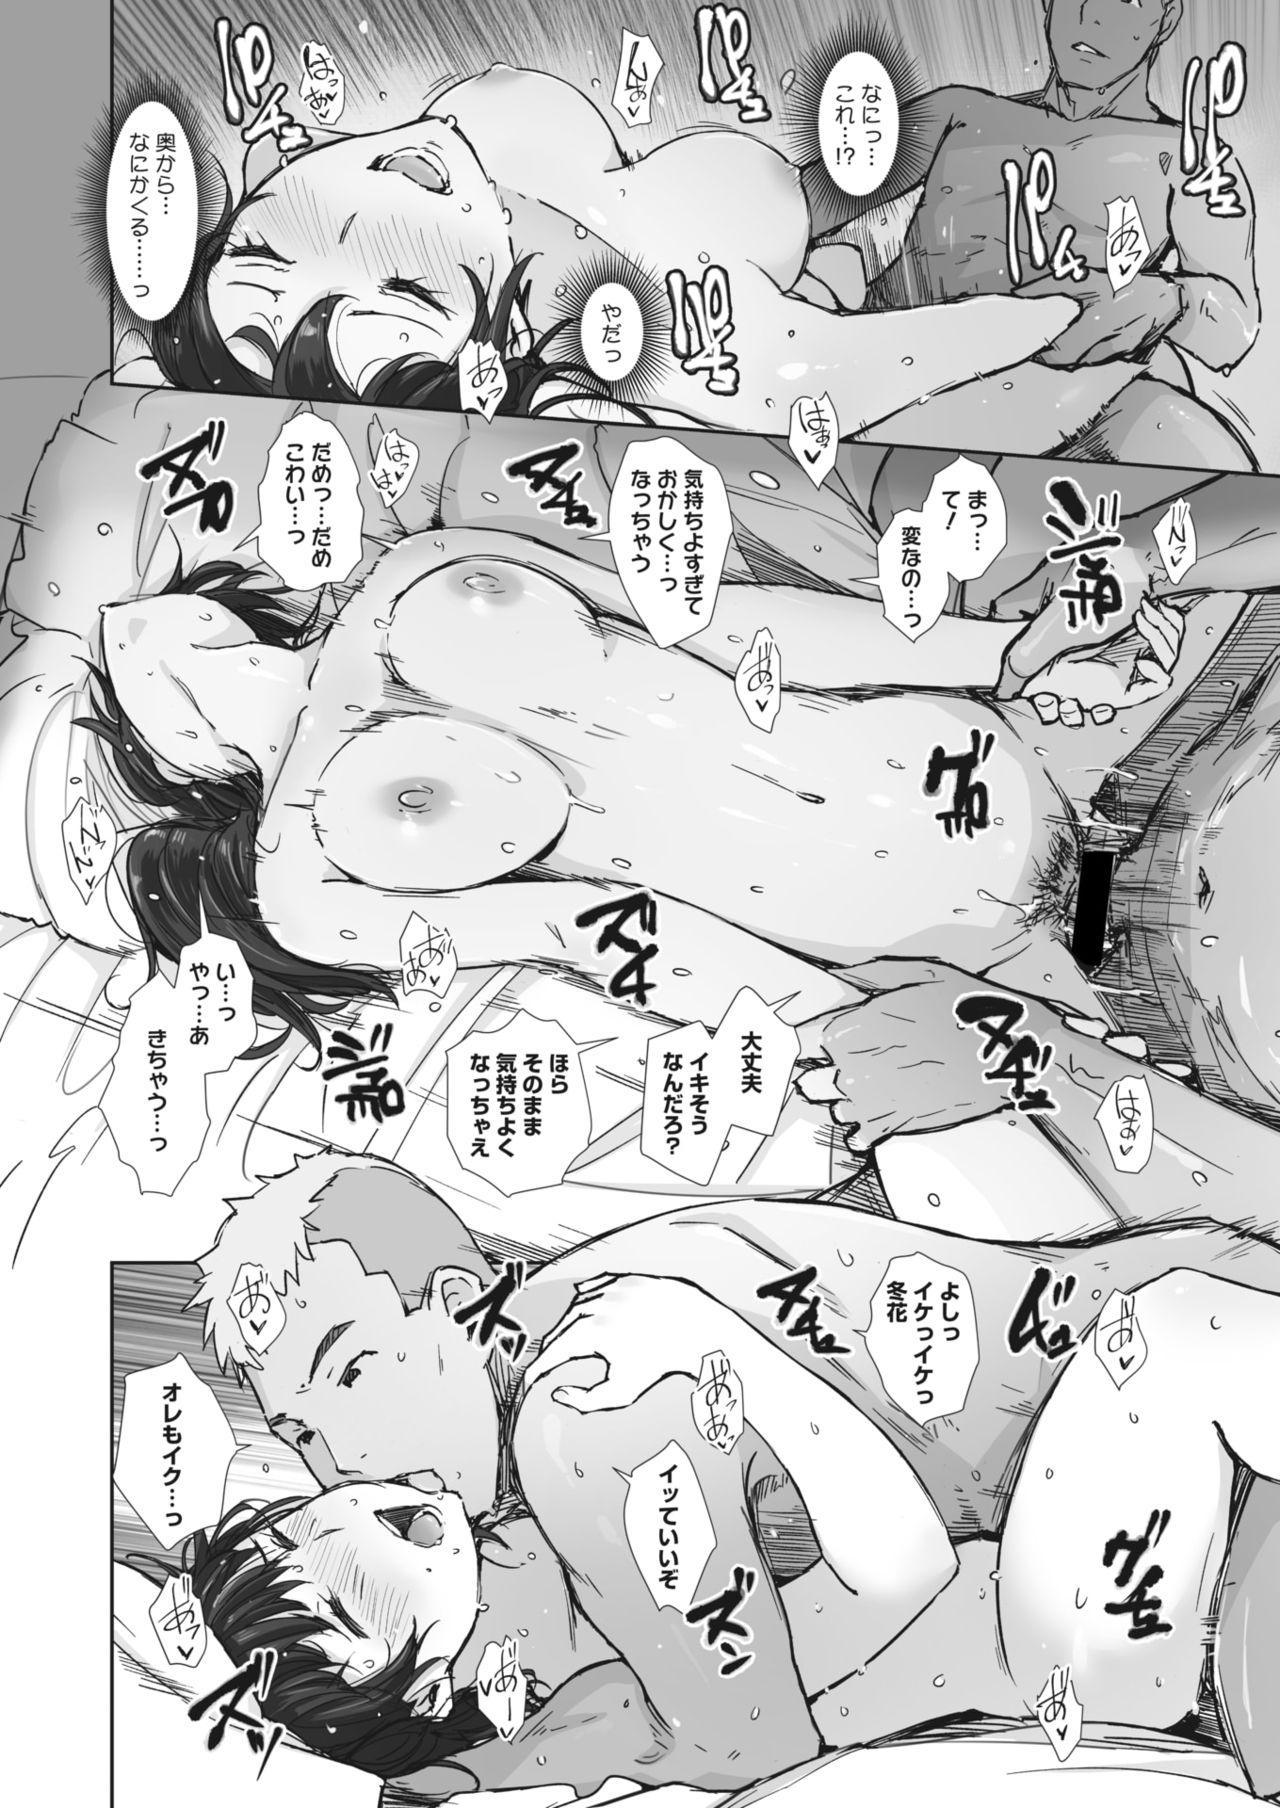 Kawa no Tsumetasa wa Haru no Otozure 1-4 69